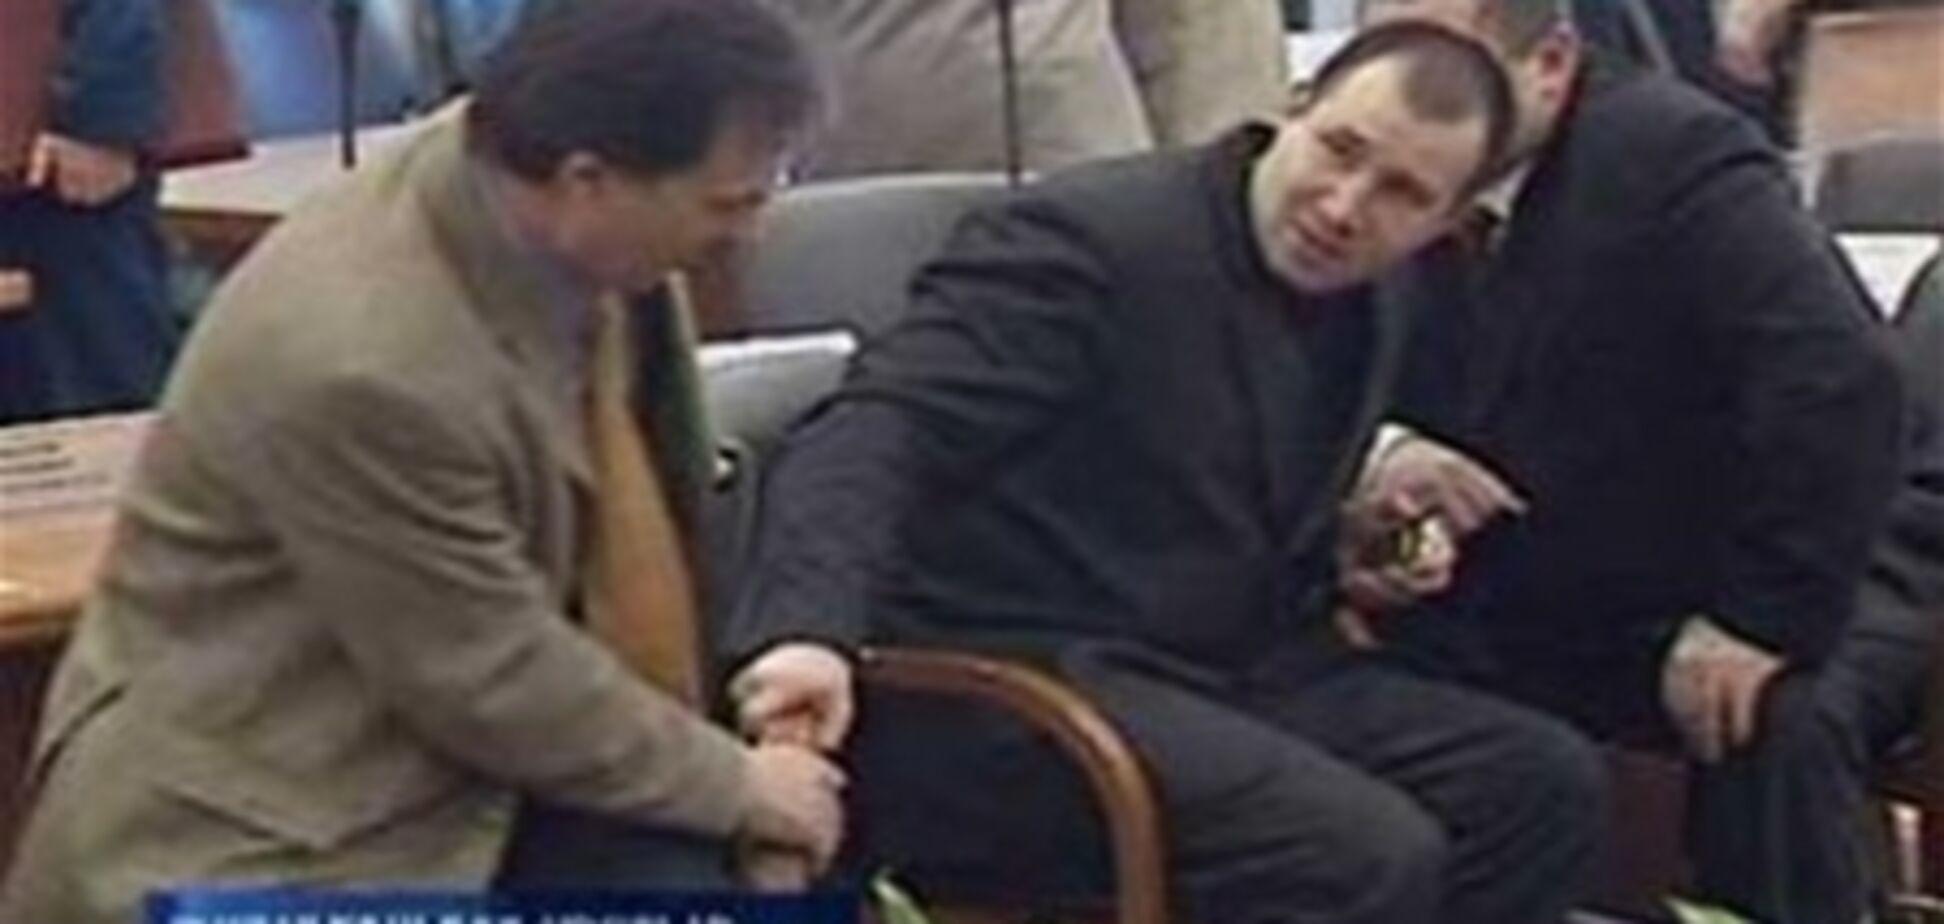 Обвинуваченого у педофілії депутата затримали при спробі з'їздити на курорт